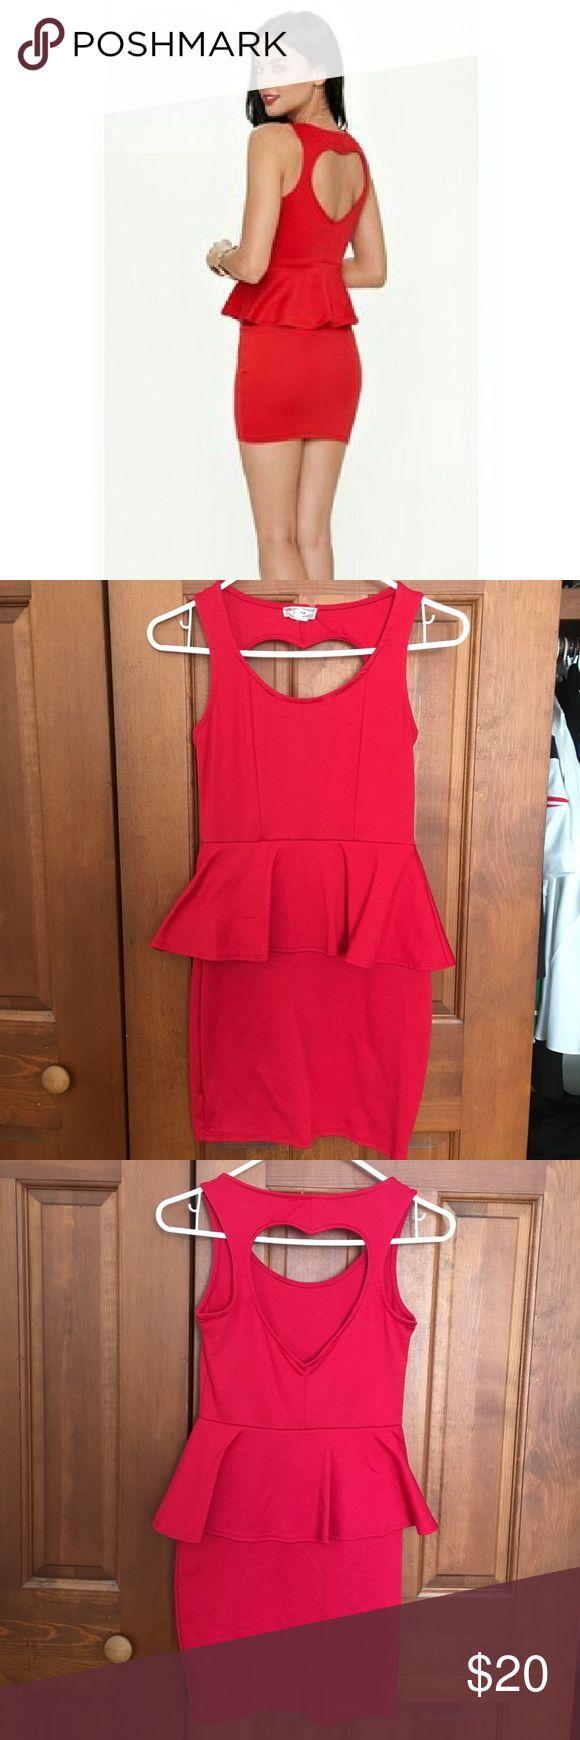 PacSun Kirra Red Peplum Dress with Heart Cut Out Beautiful red dress with a heart cut out on the back! Kirra Dresses